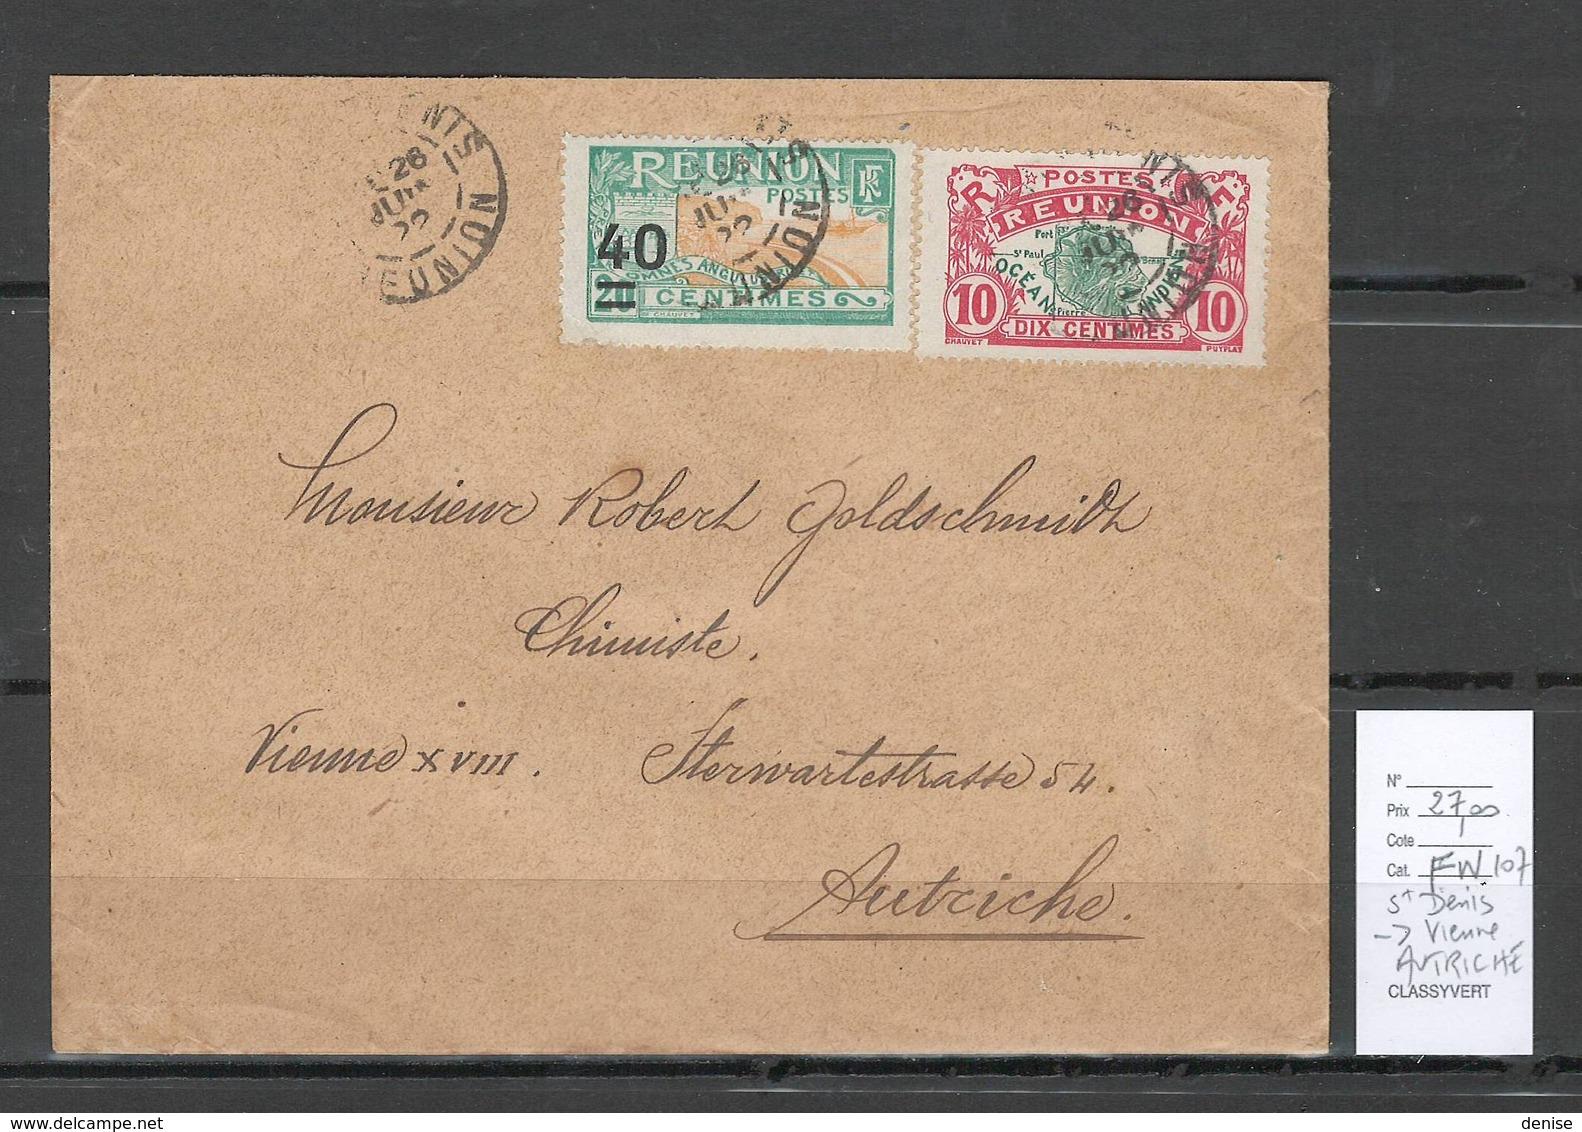 Reunion - Lettre Saint Denis Pour Vienne - Autriche - 1922 - Reunion Island (1852-1975)